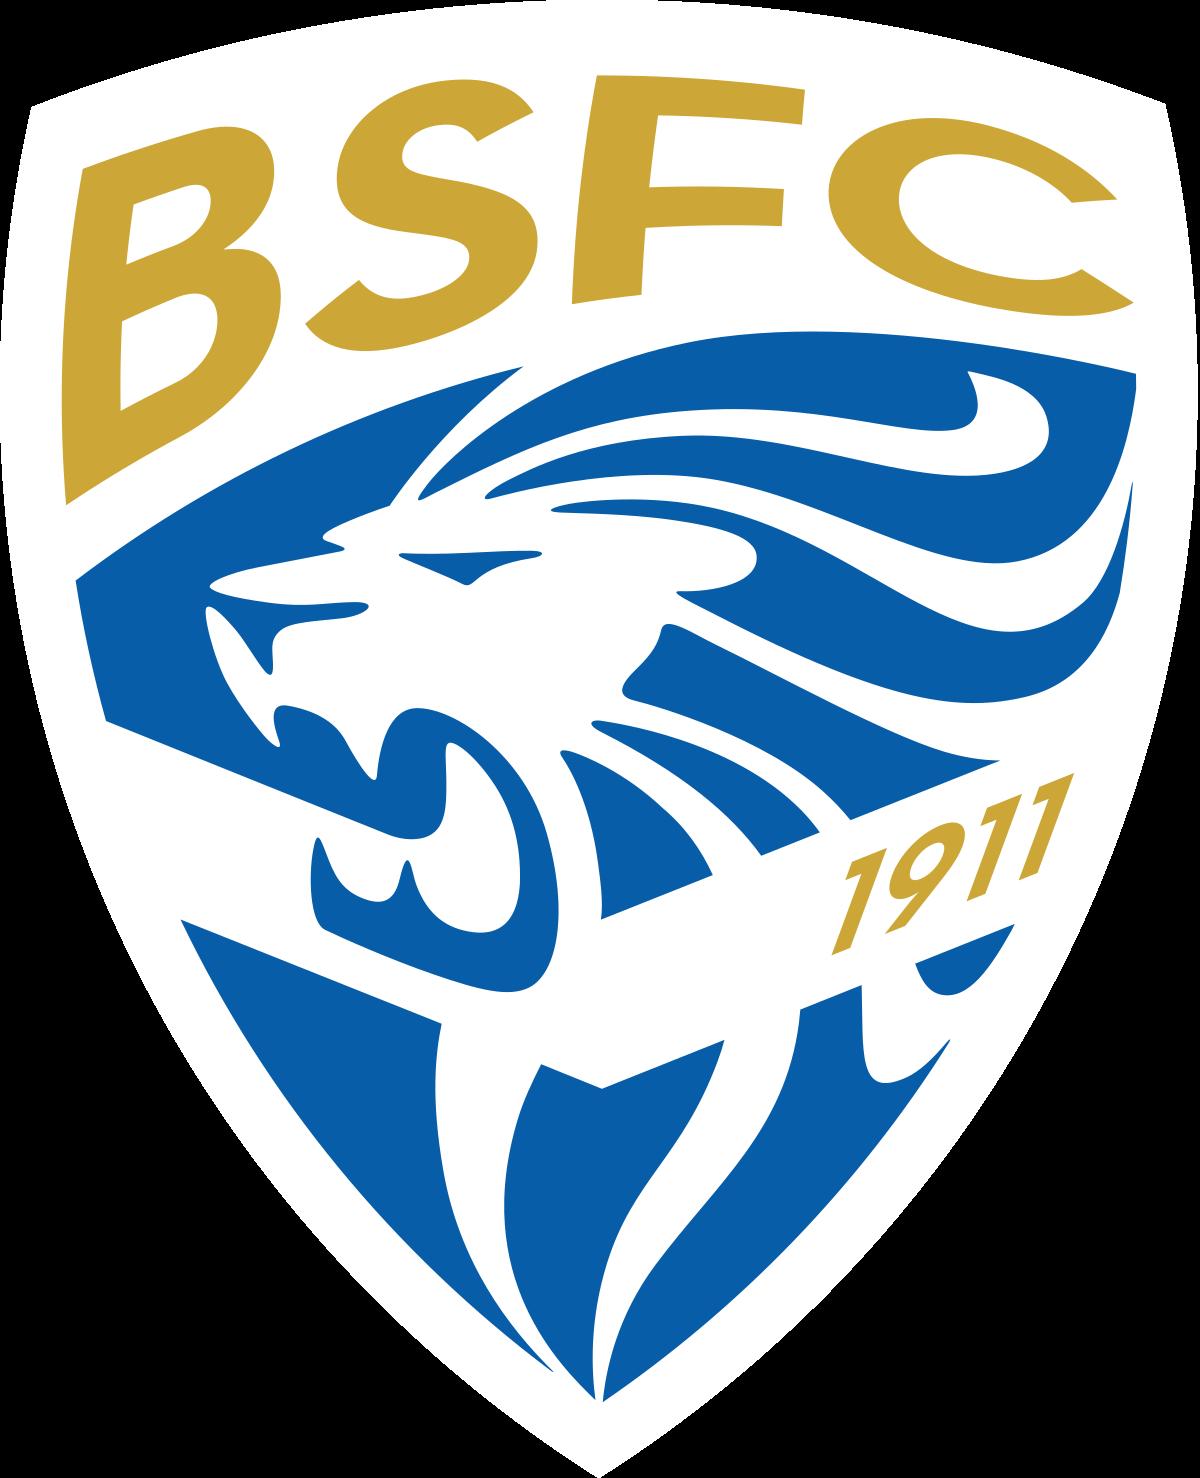 Brescia shield